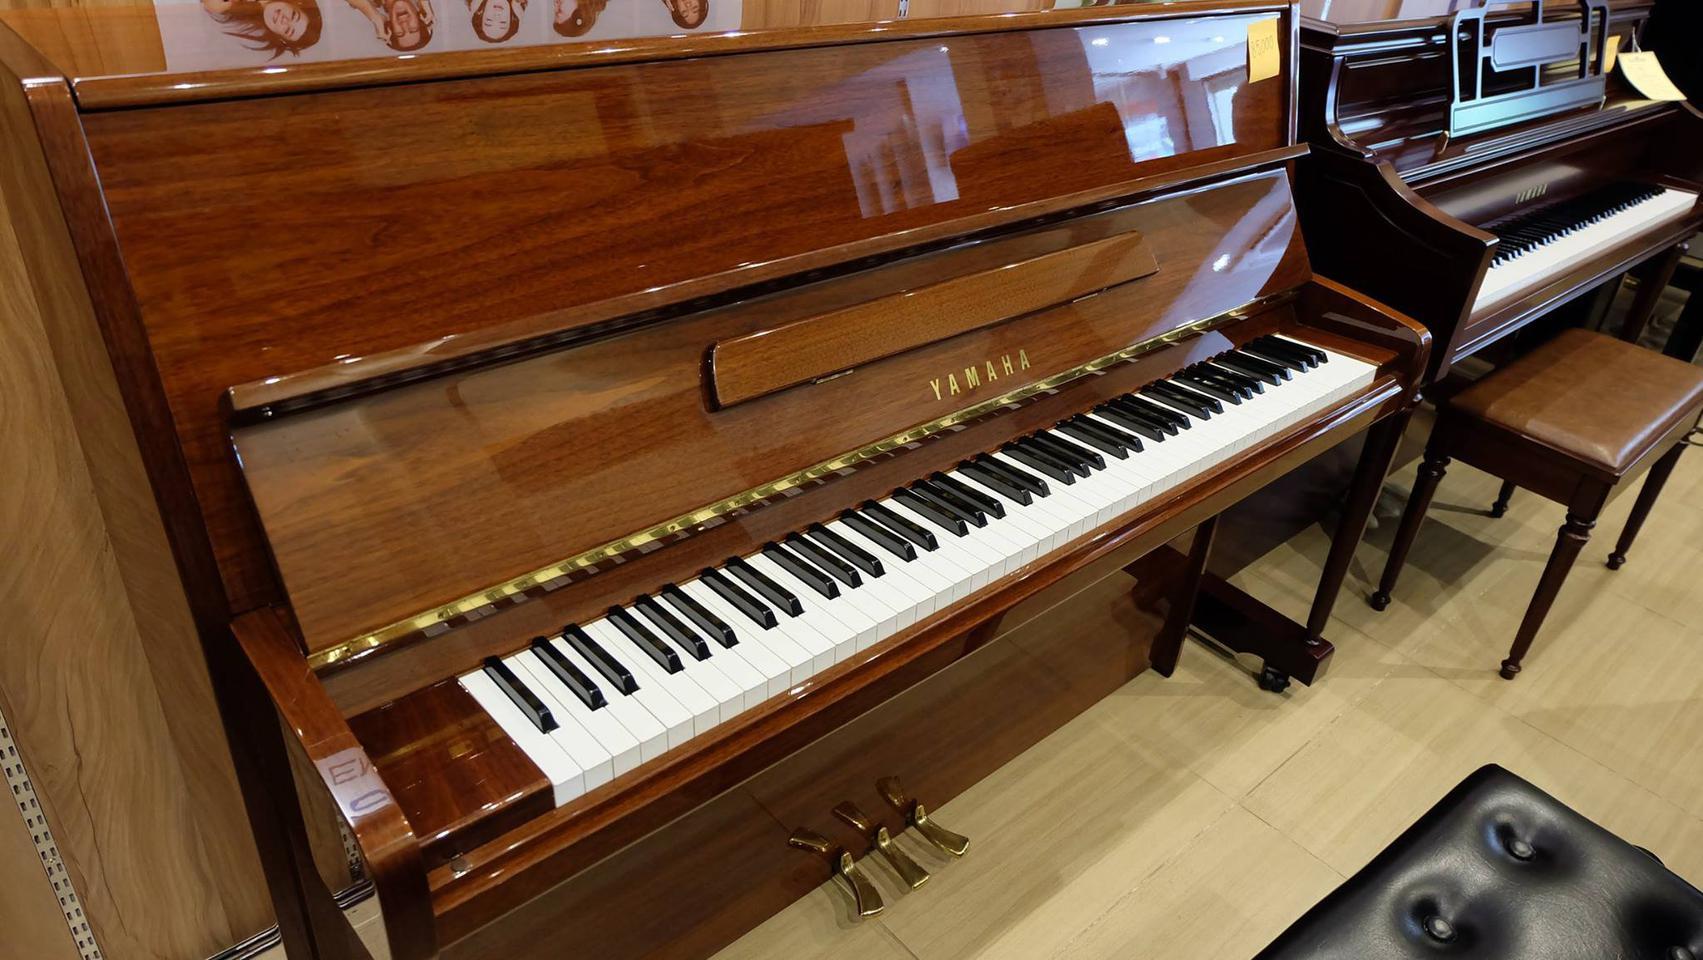 ประกาศขายเปียโนอัพไรท์ YAMAHA P116 สีไม้เดิมๆ สวยงามมากๆ รูปที่ 1